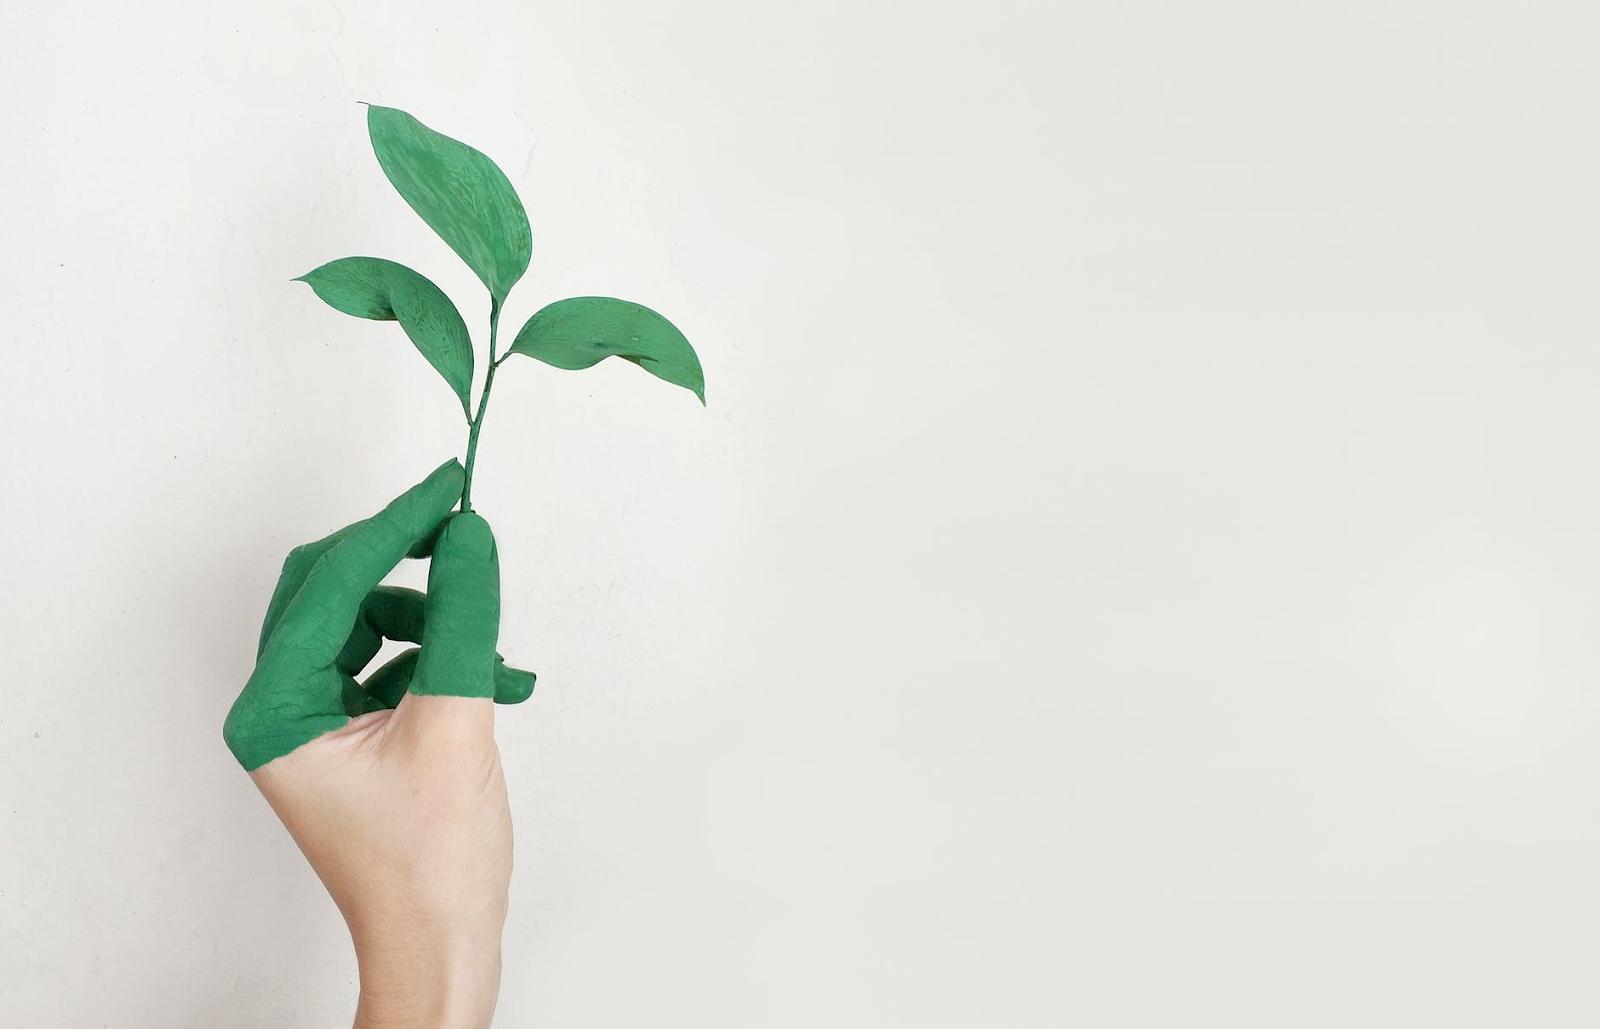 Comment réduire mon empreinte carbone